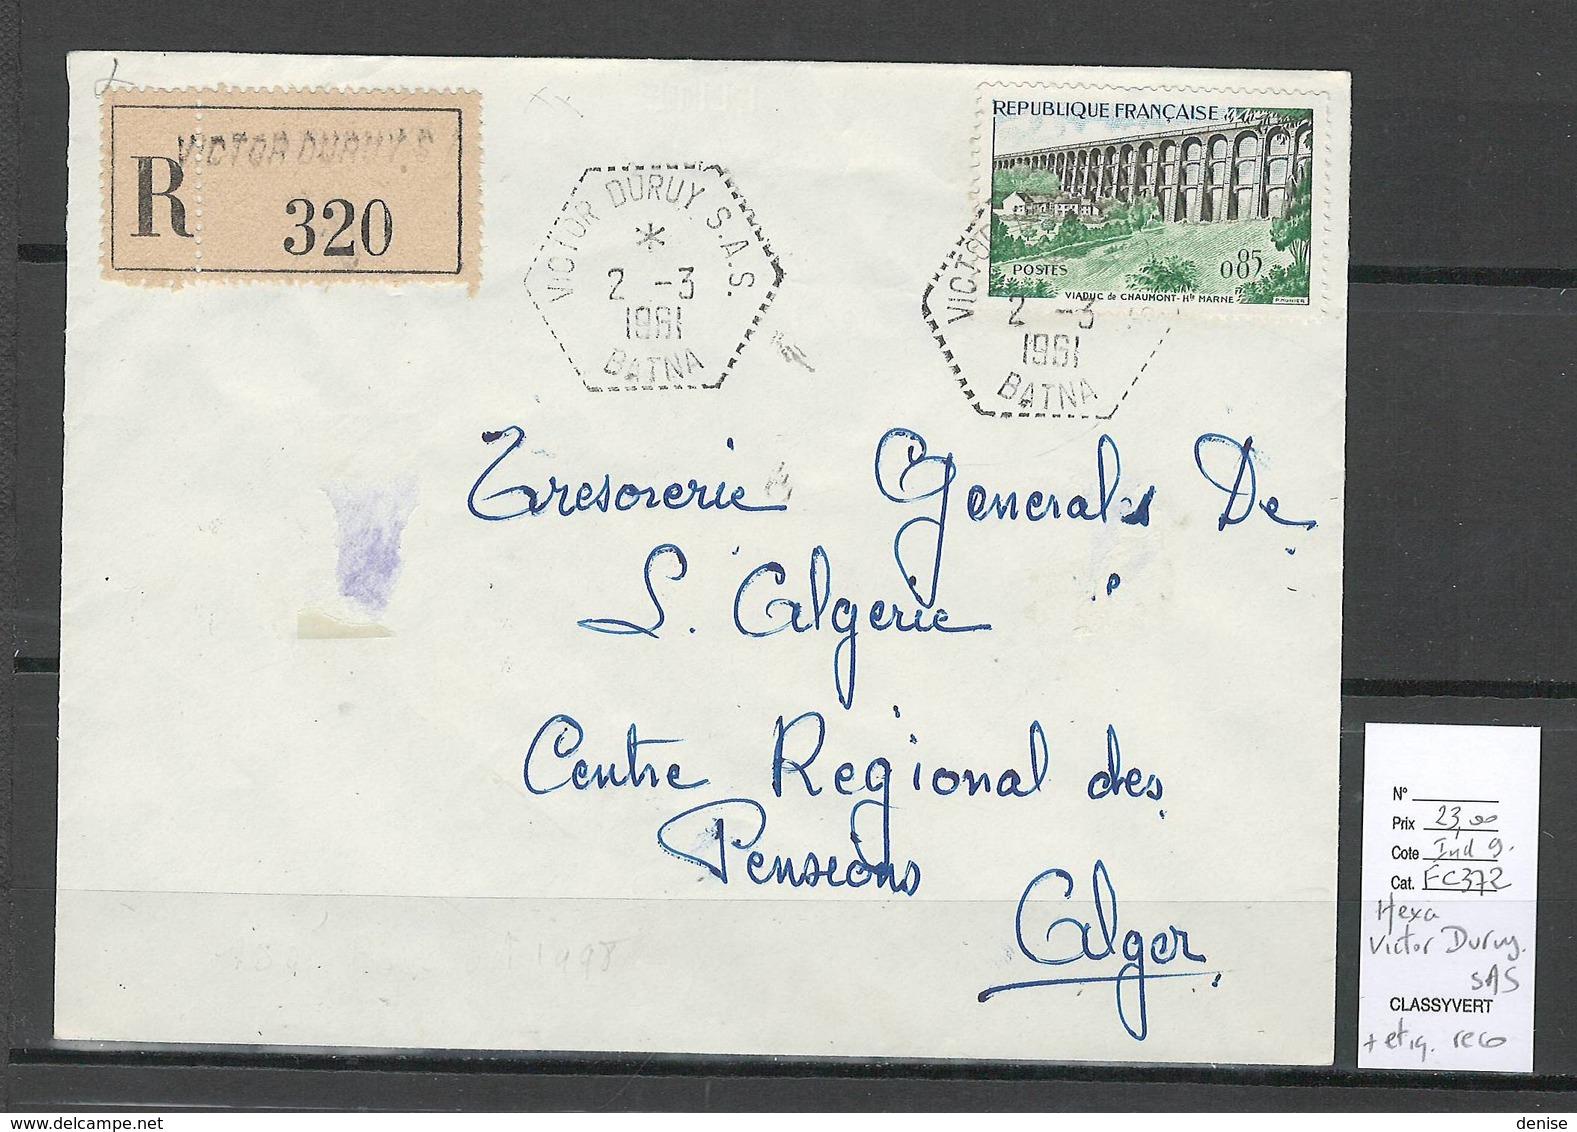 Algerie - Lettre Recommandée - Cachet Hexagonal VICTOR DURUY  SAS - Marcophilie - Covers & Documents